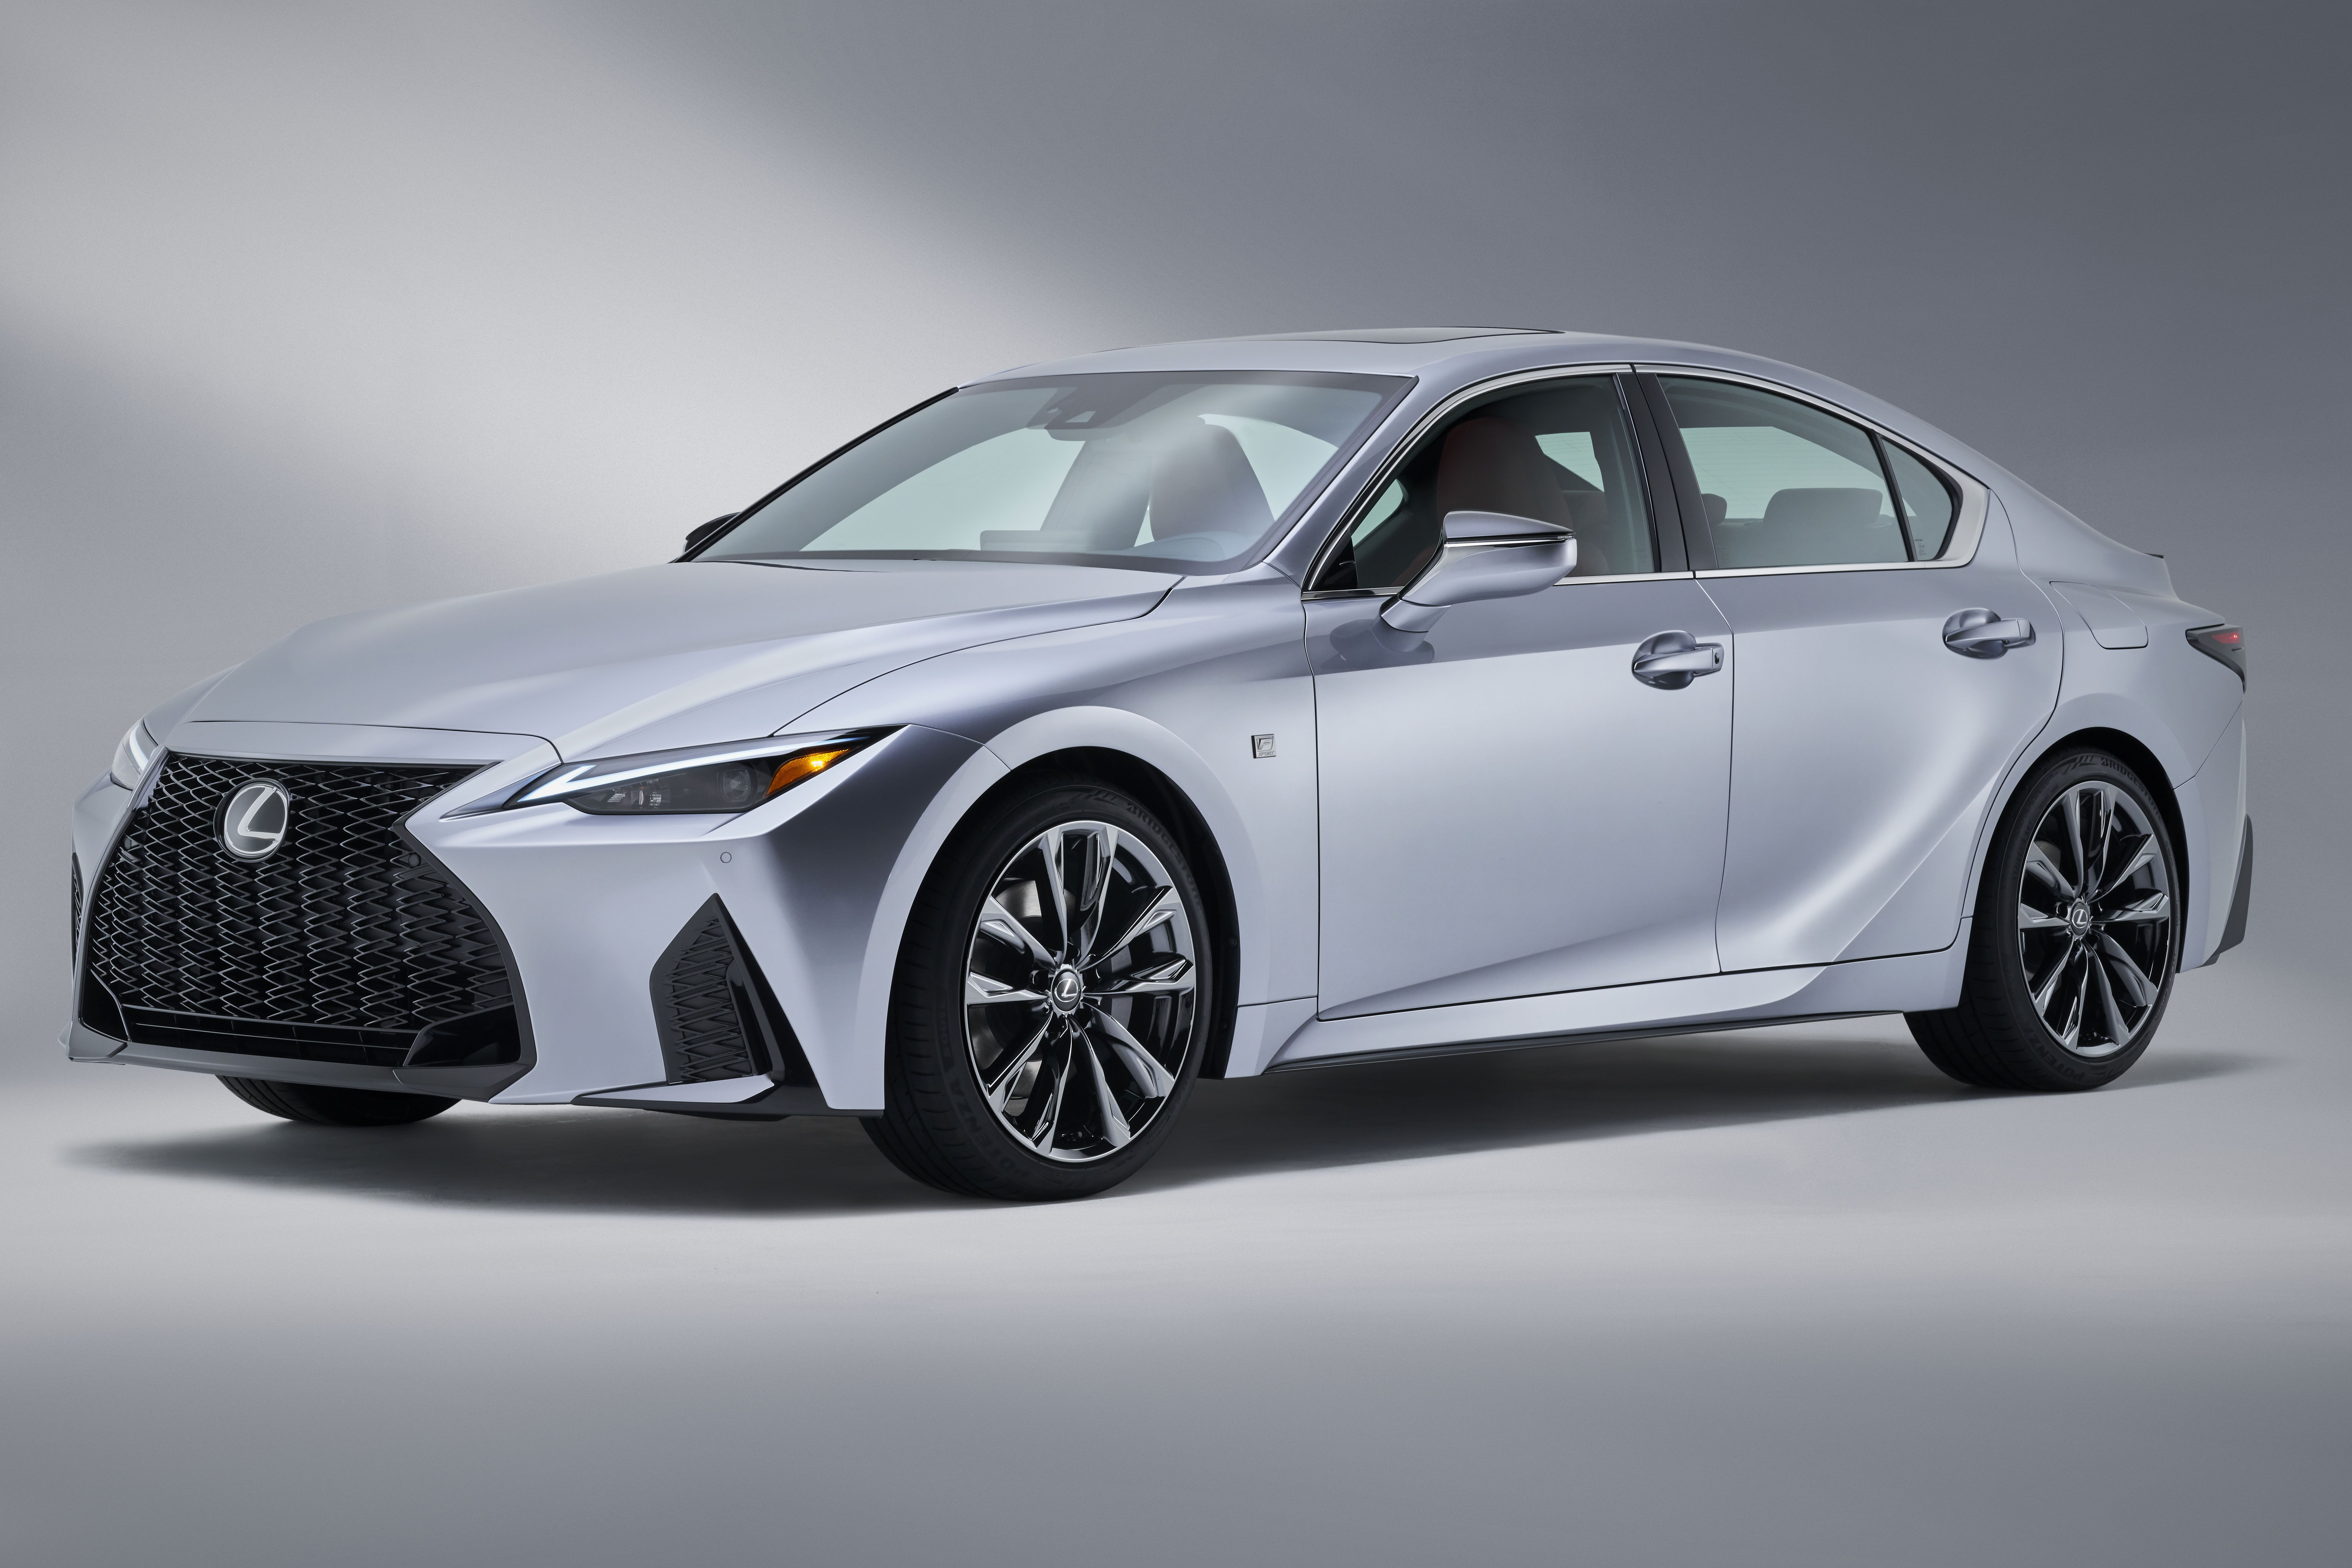 2021 Lexus GS F Prices